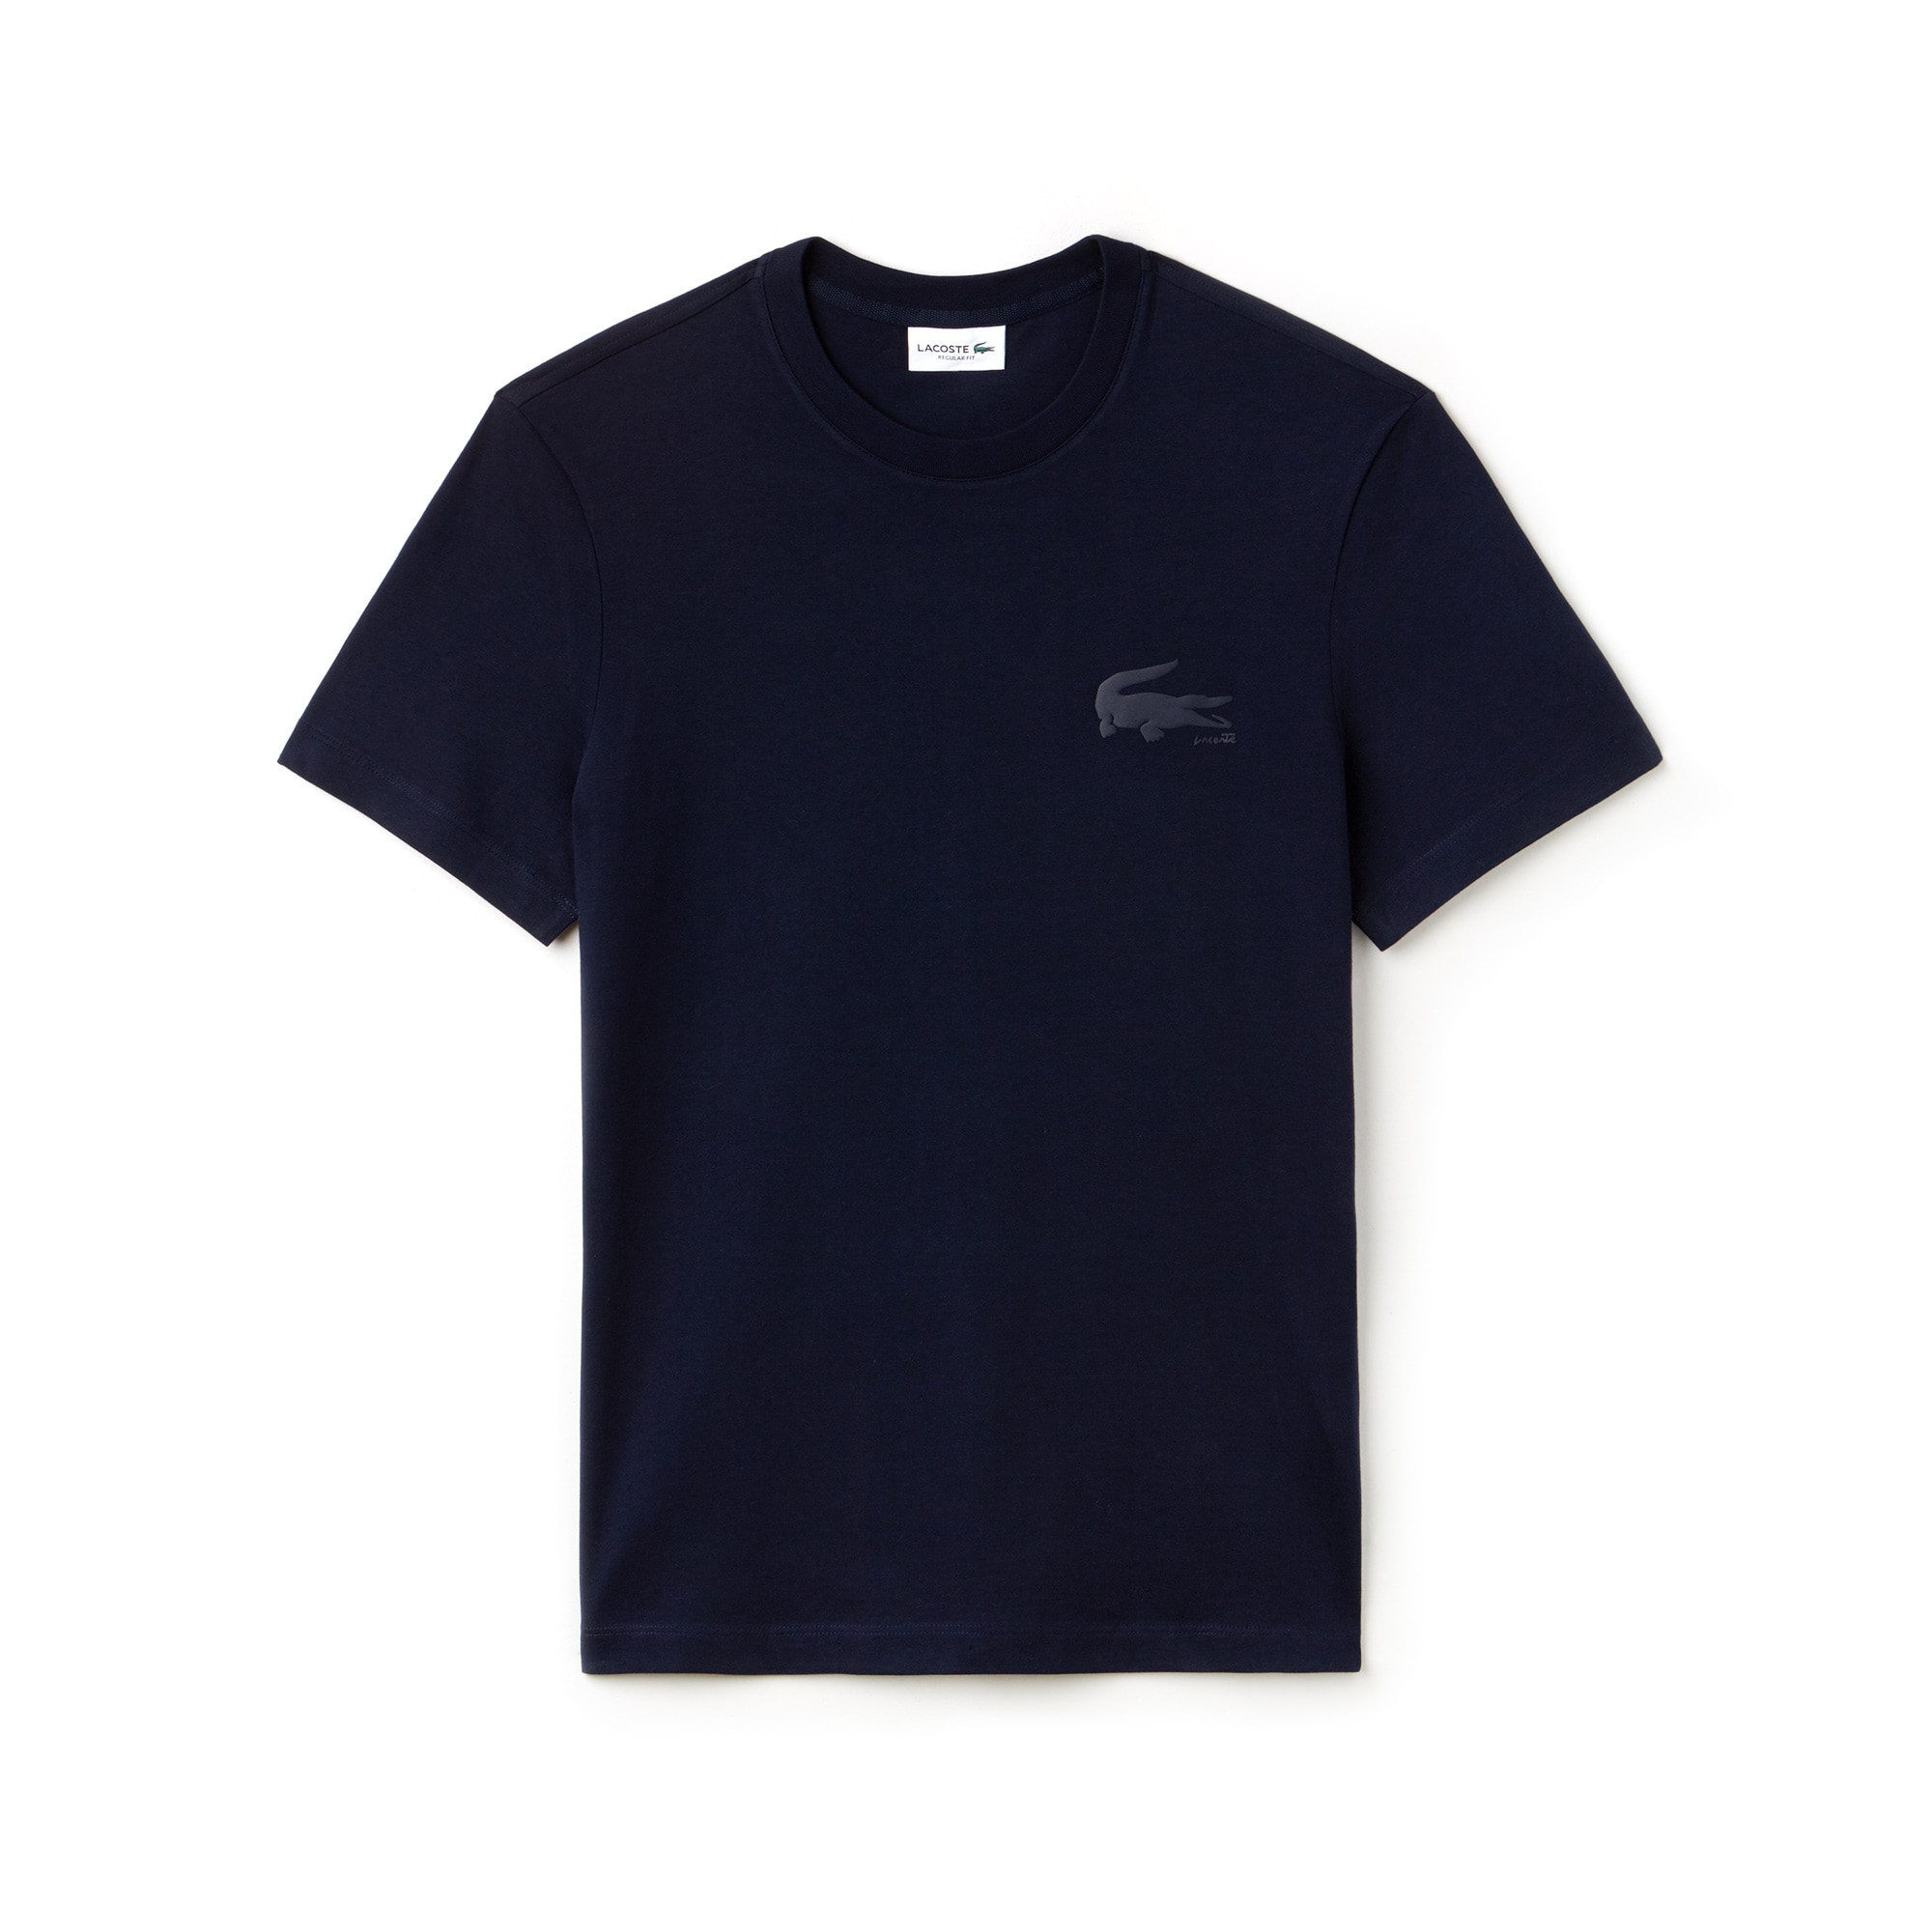 Herren-Rundhals-T-Shirt aus Baumwolljersey mit Kroko-Schriftzug